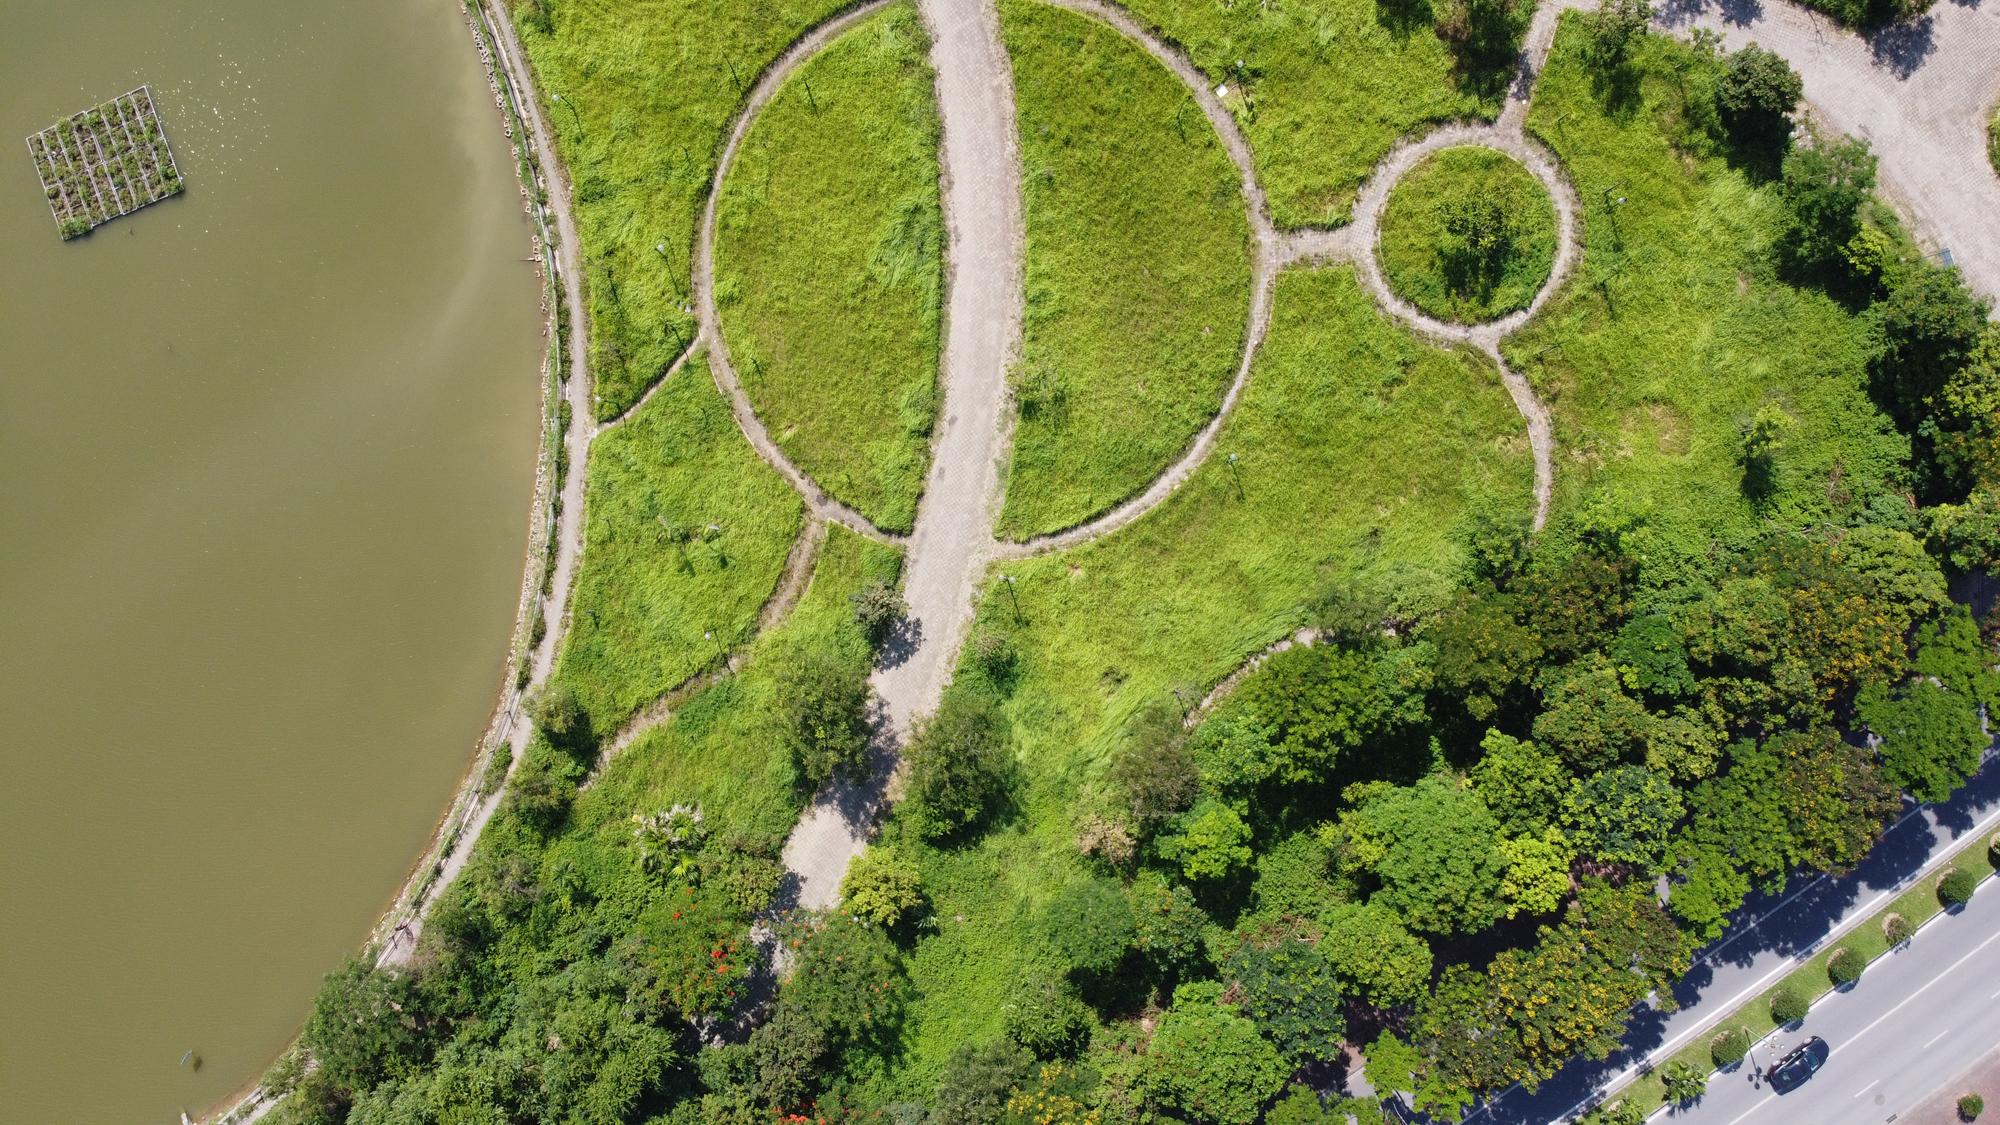 Chờ dự án cải tạo, công viên CV-02 Khu đô thị mới Việt Hưng như cánh đồng hoang - Ảnh 6.